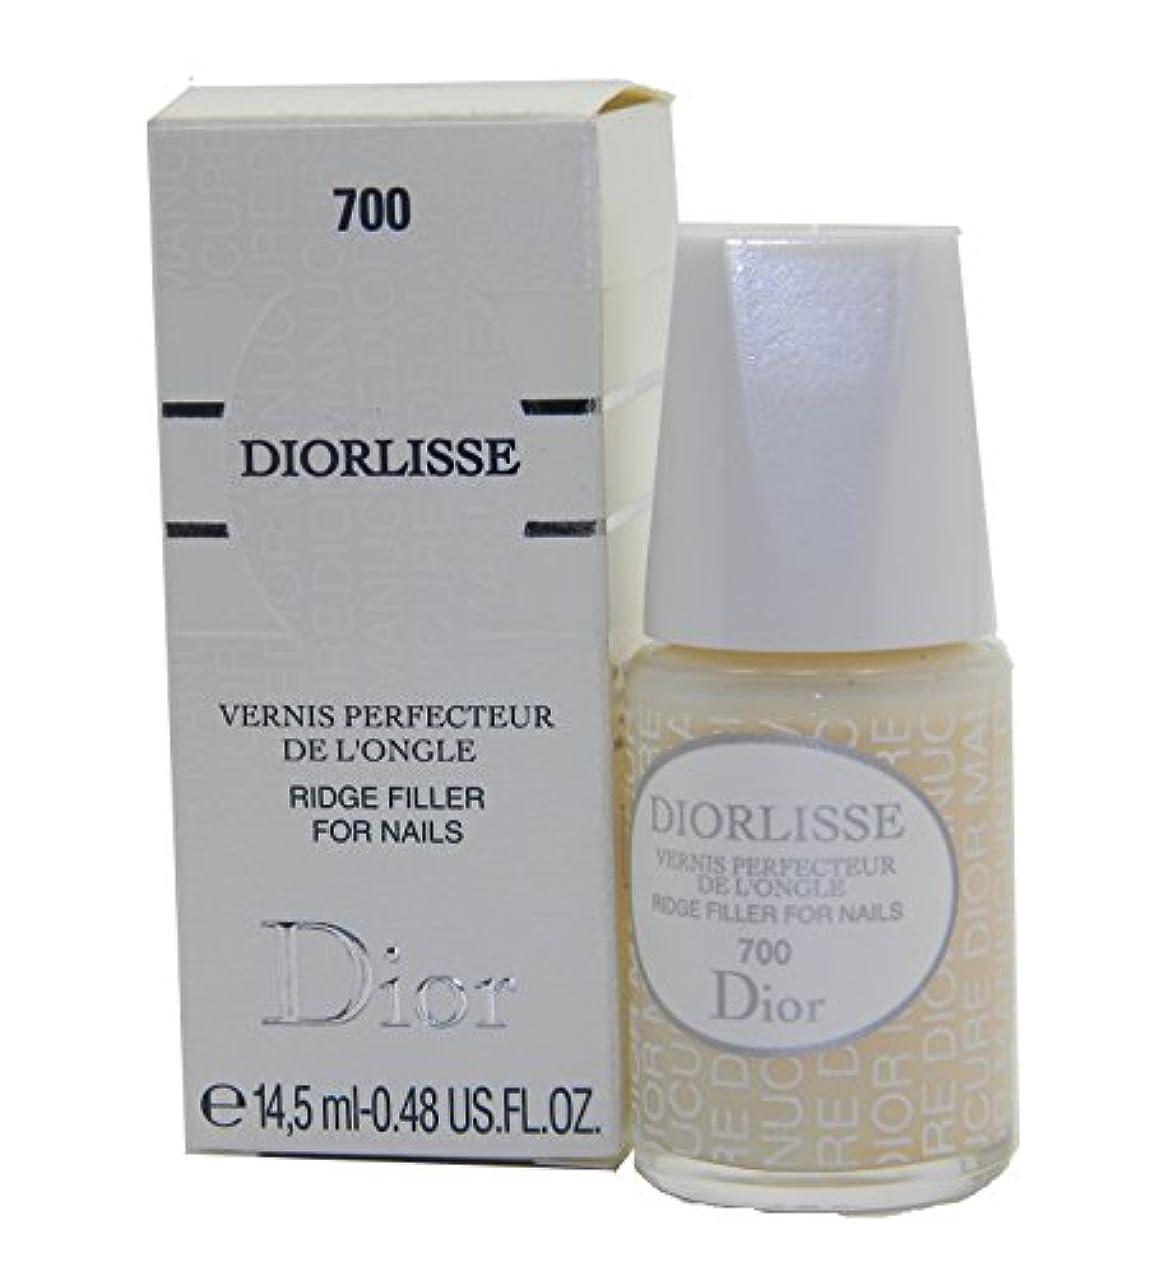 濃度ガウン問題Dior Diorlisse Ridge Filler For Nail 700(ディオールリス リッジフィラー フォーネイル 700)[海外直送品] [並行輸入品]